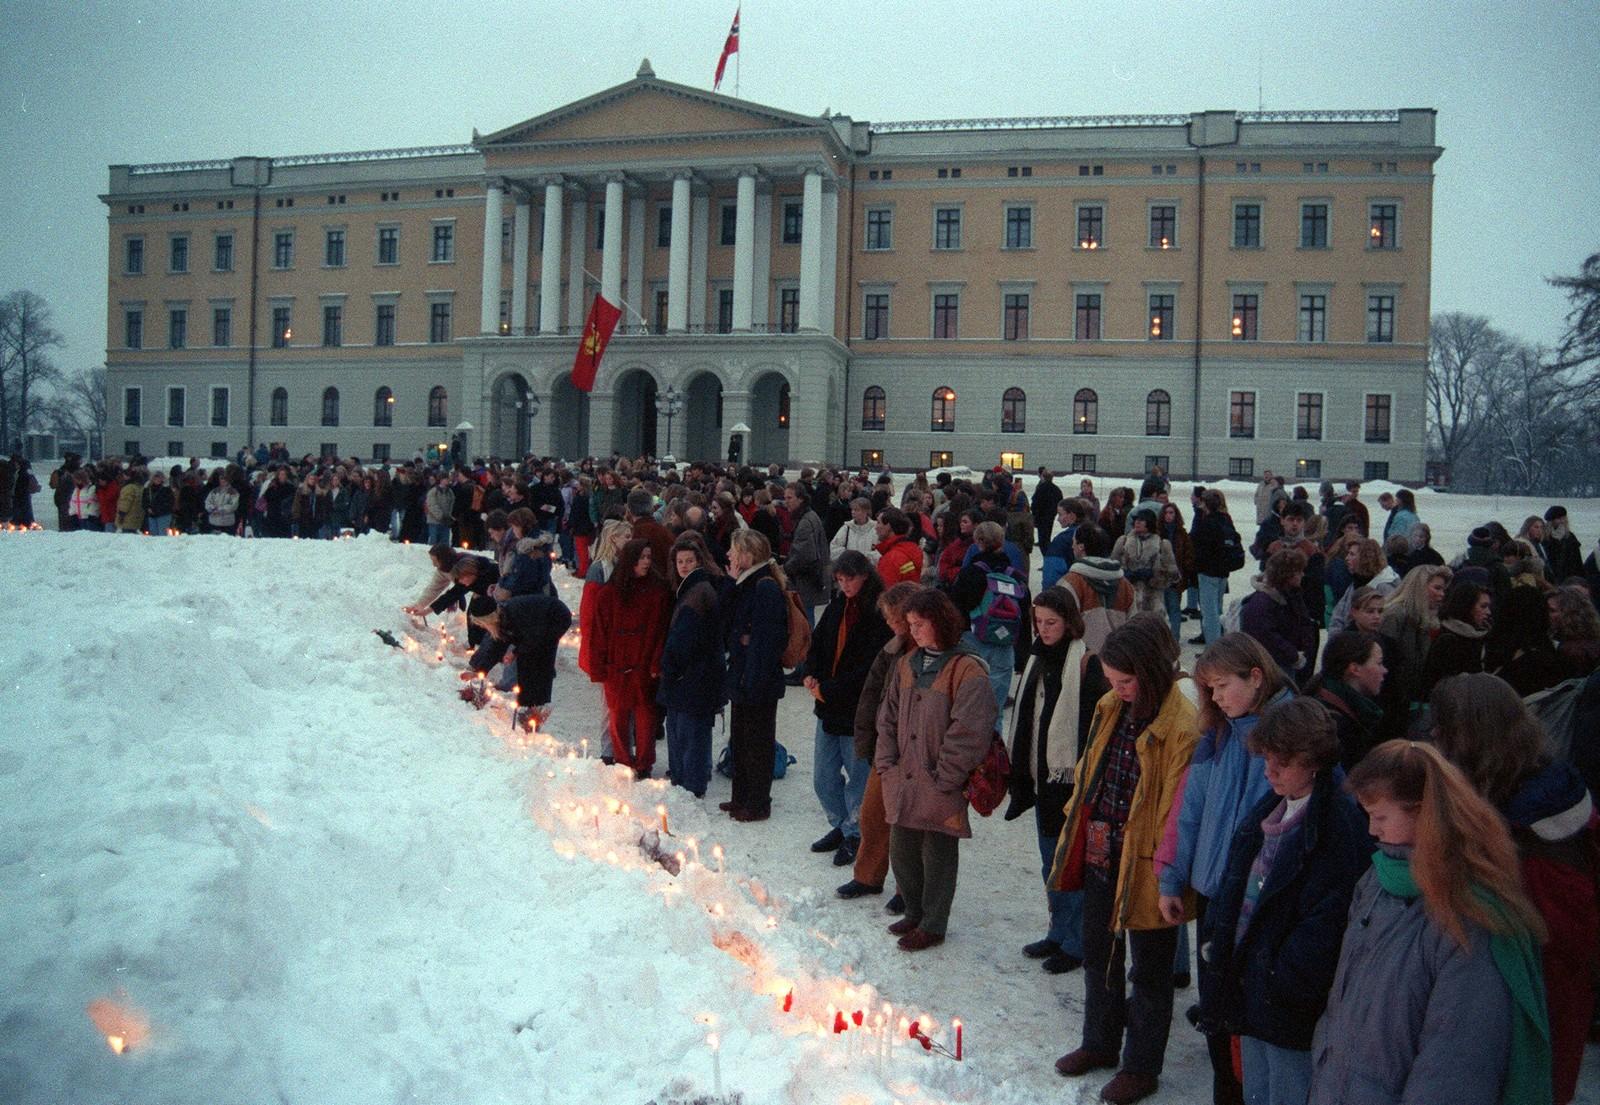 Utover dagen kom det flere og flere som tente lys og ble stående i ettertanke. PÅ slottes ses kongeflagget på halv stang med sørgeflor.